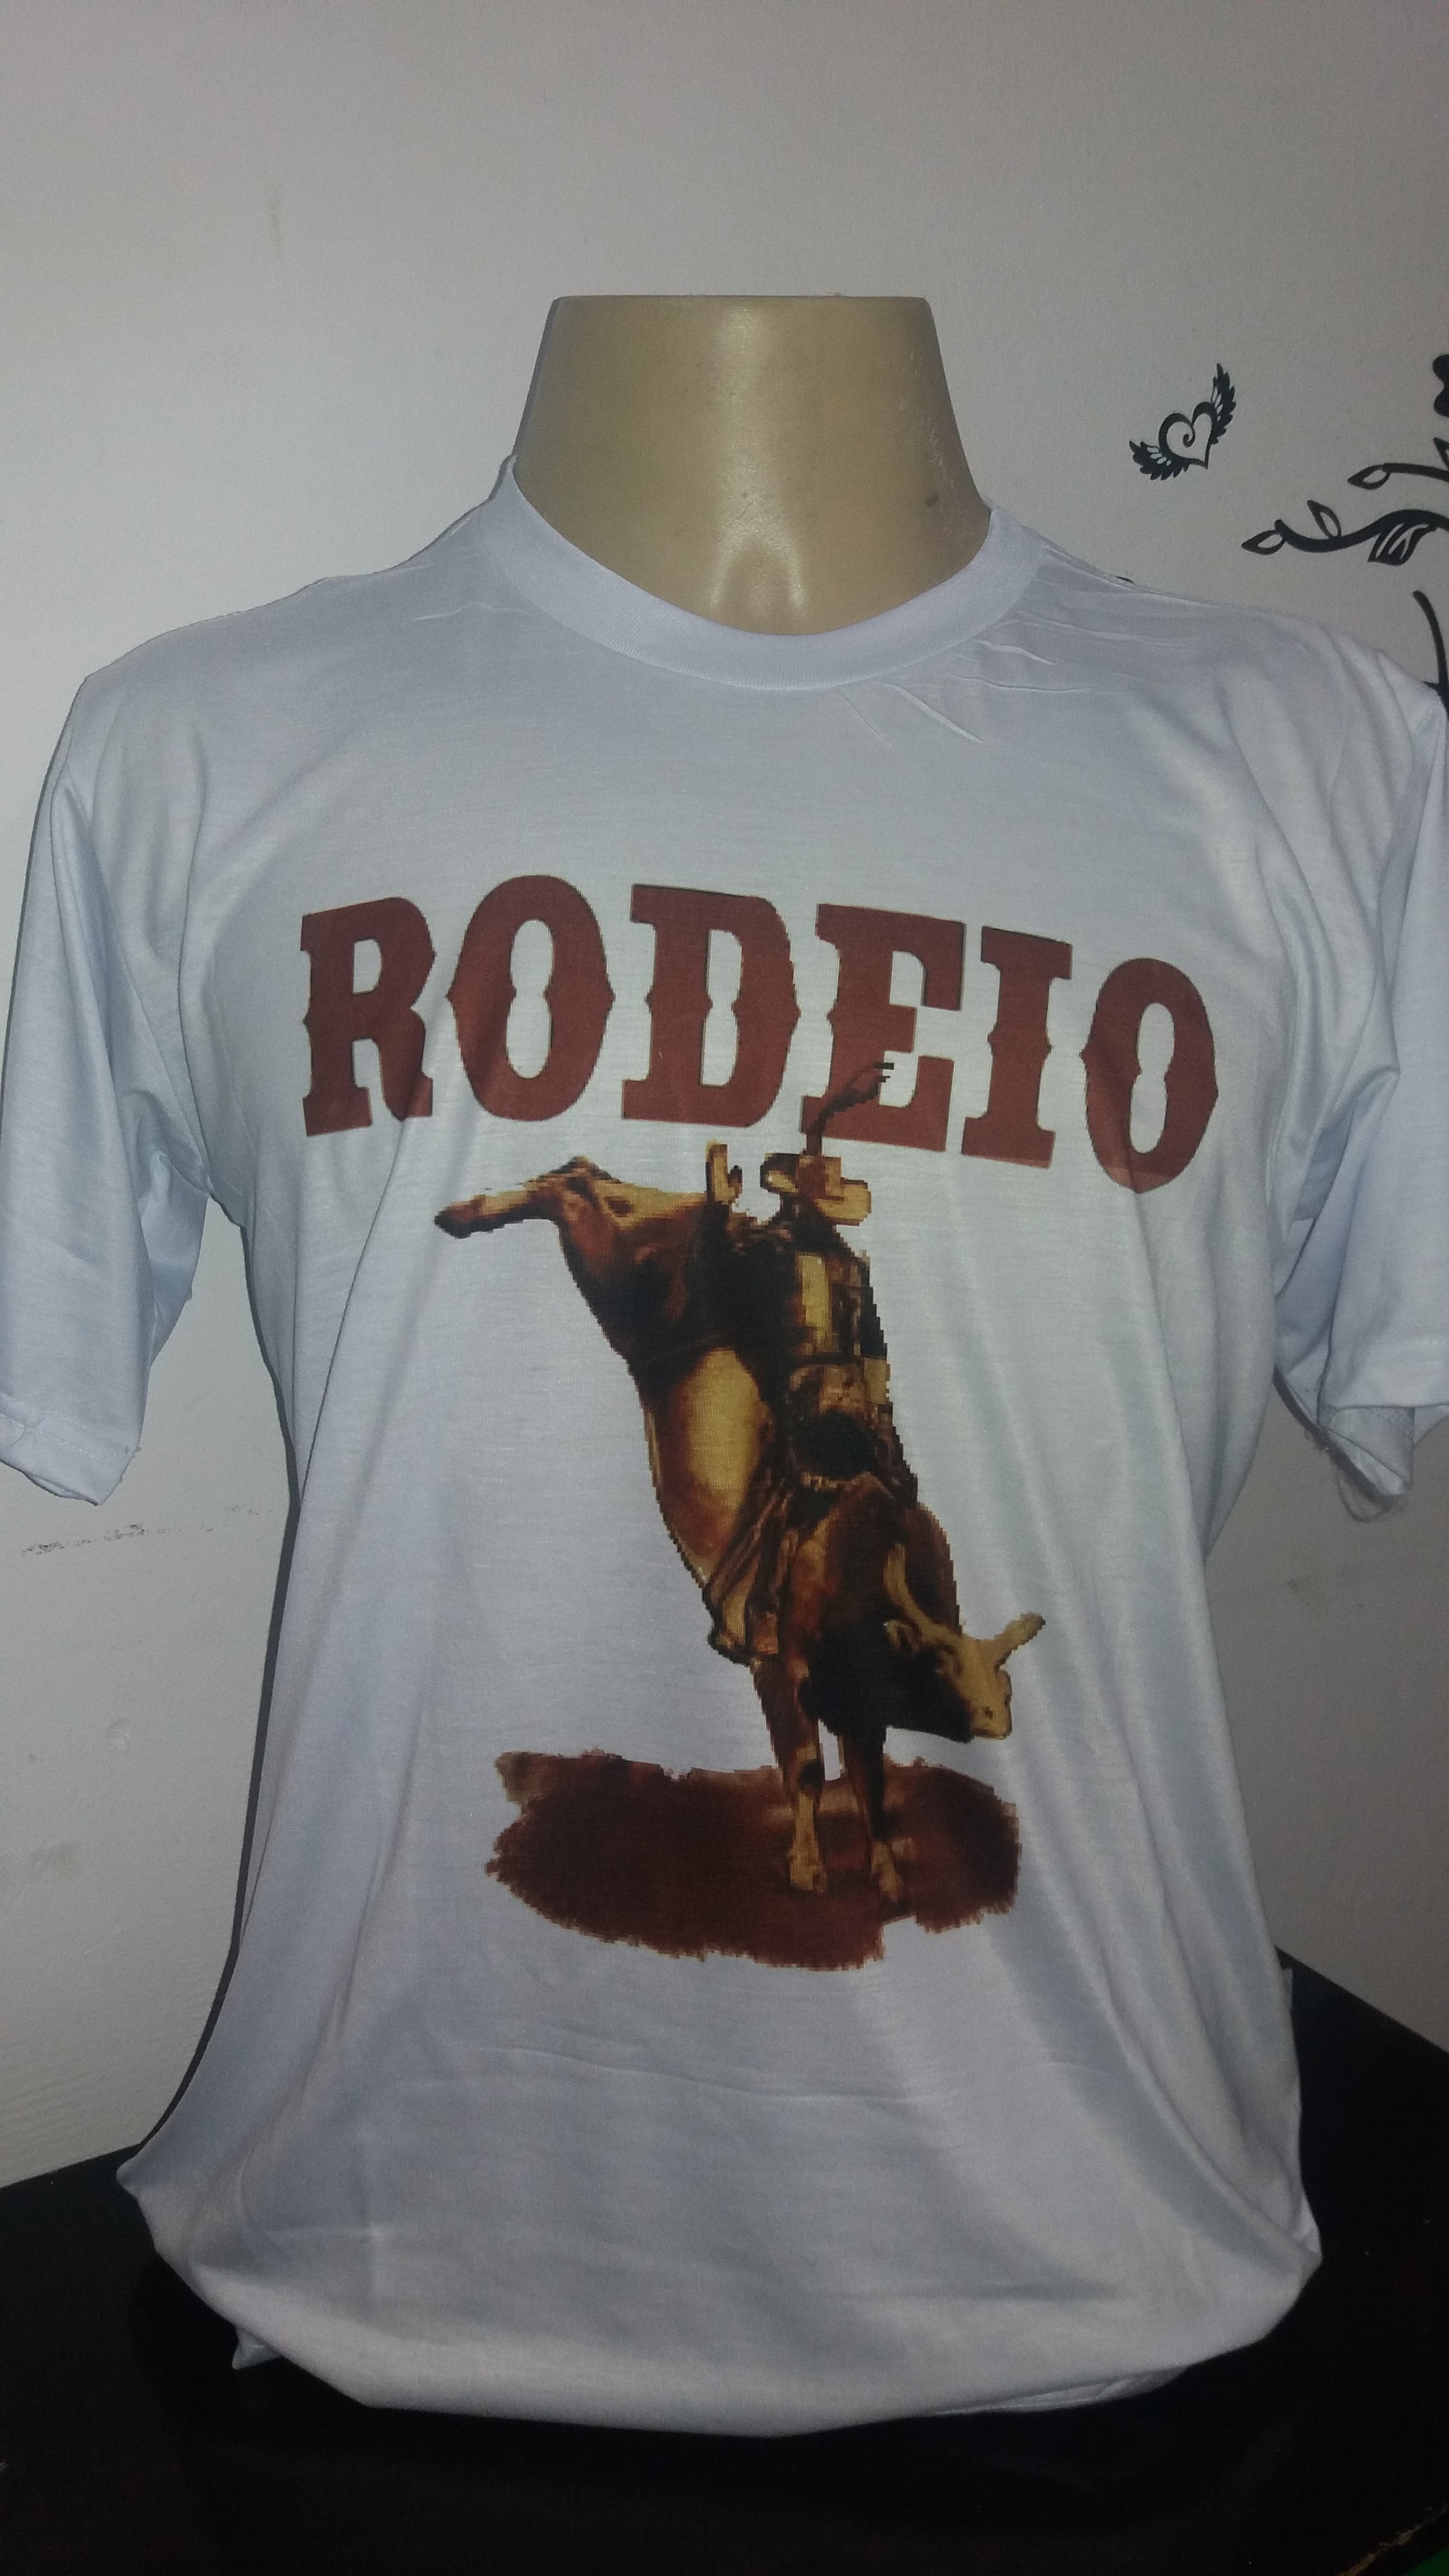 c8a2bfc723a6e Camiseta de Rodeio